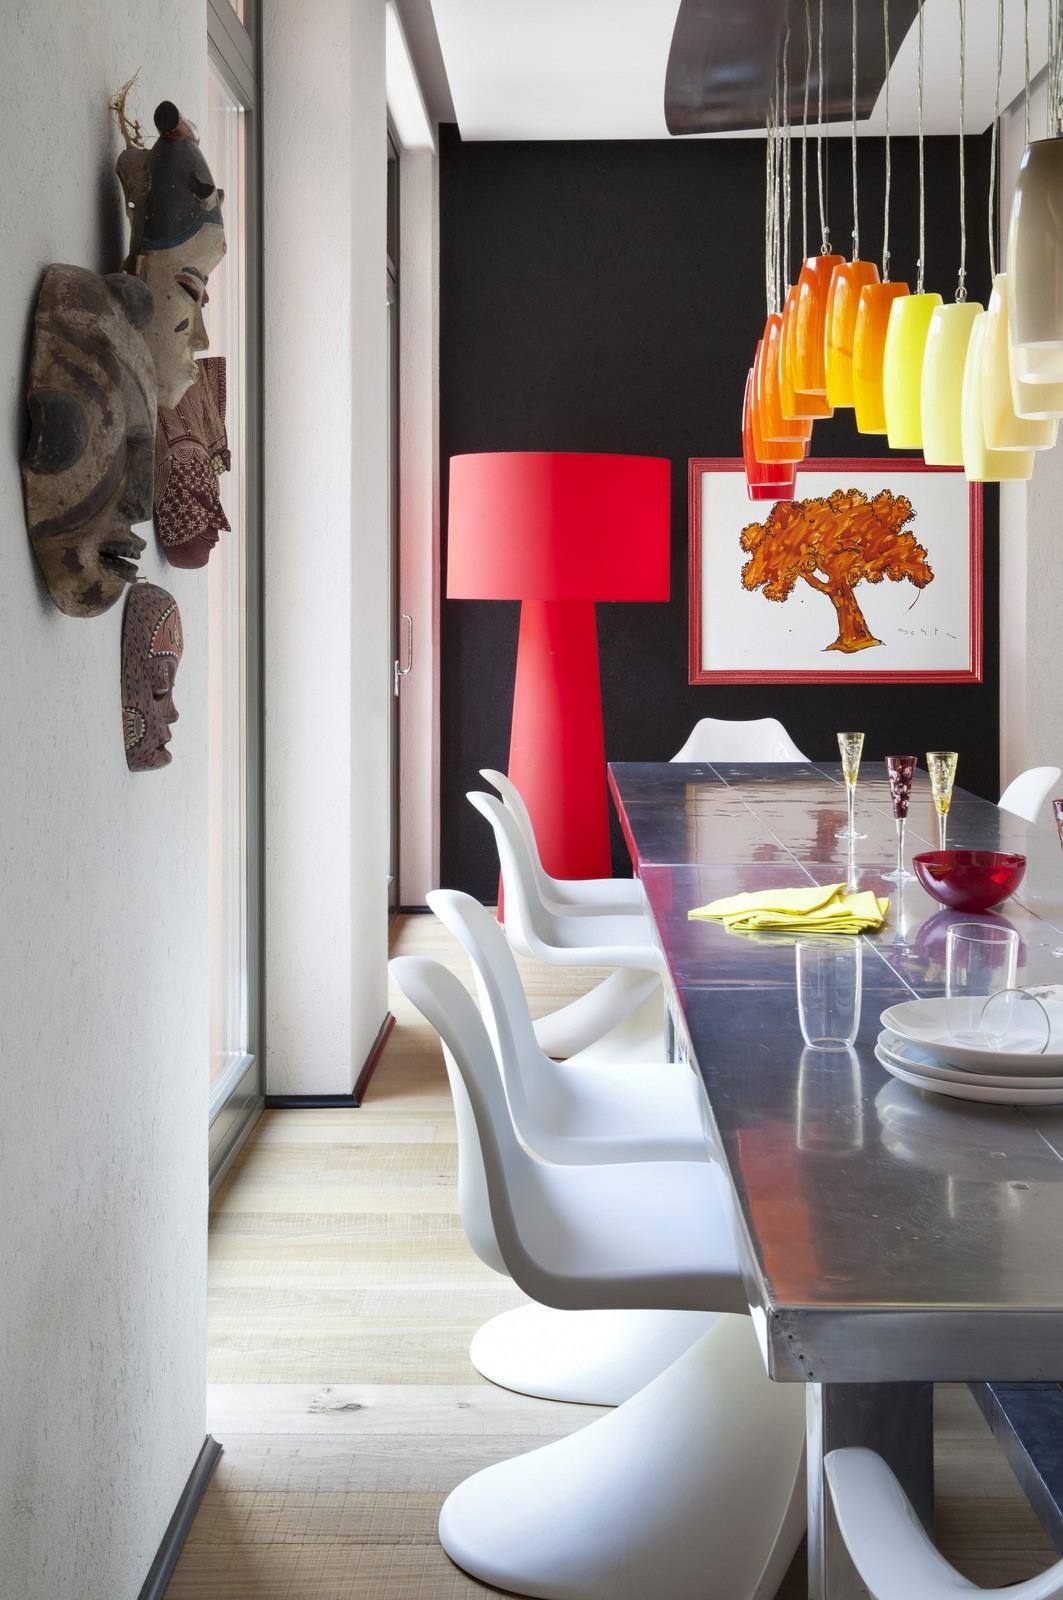 cl_pelizzari_eclectic_home_14